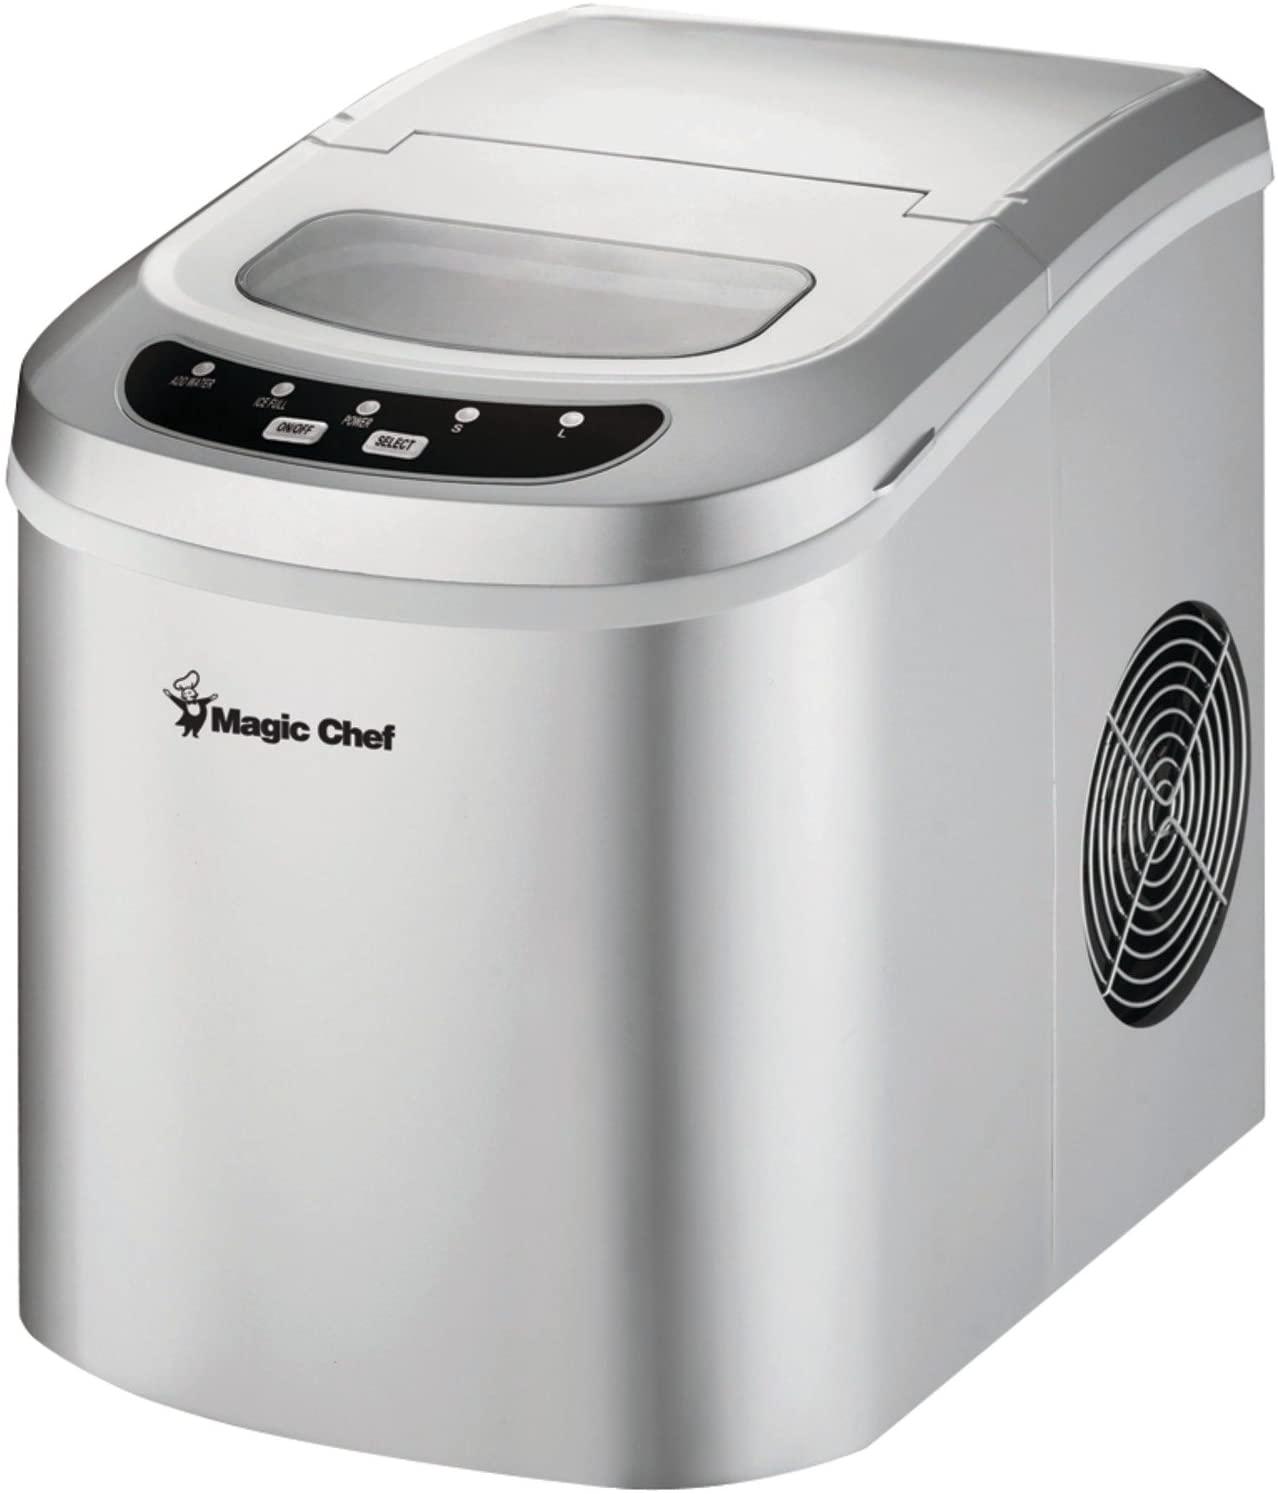 Magic Chef 27-lb Portable Countertop Ice Maker